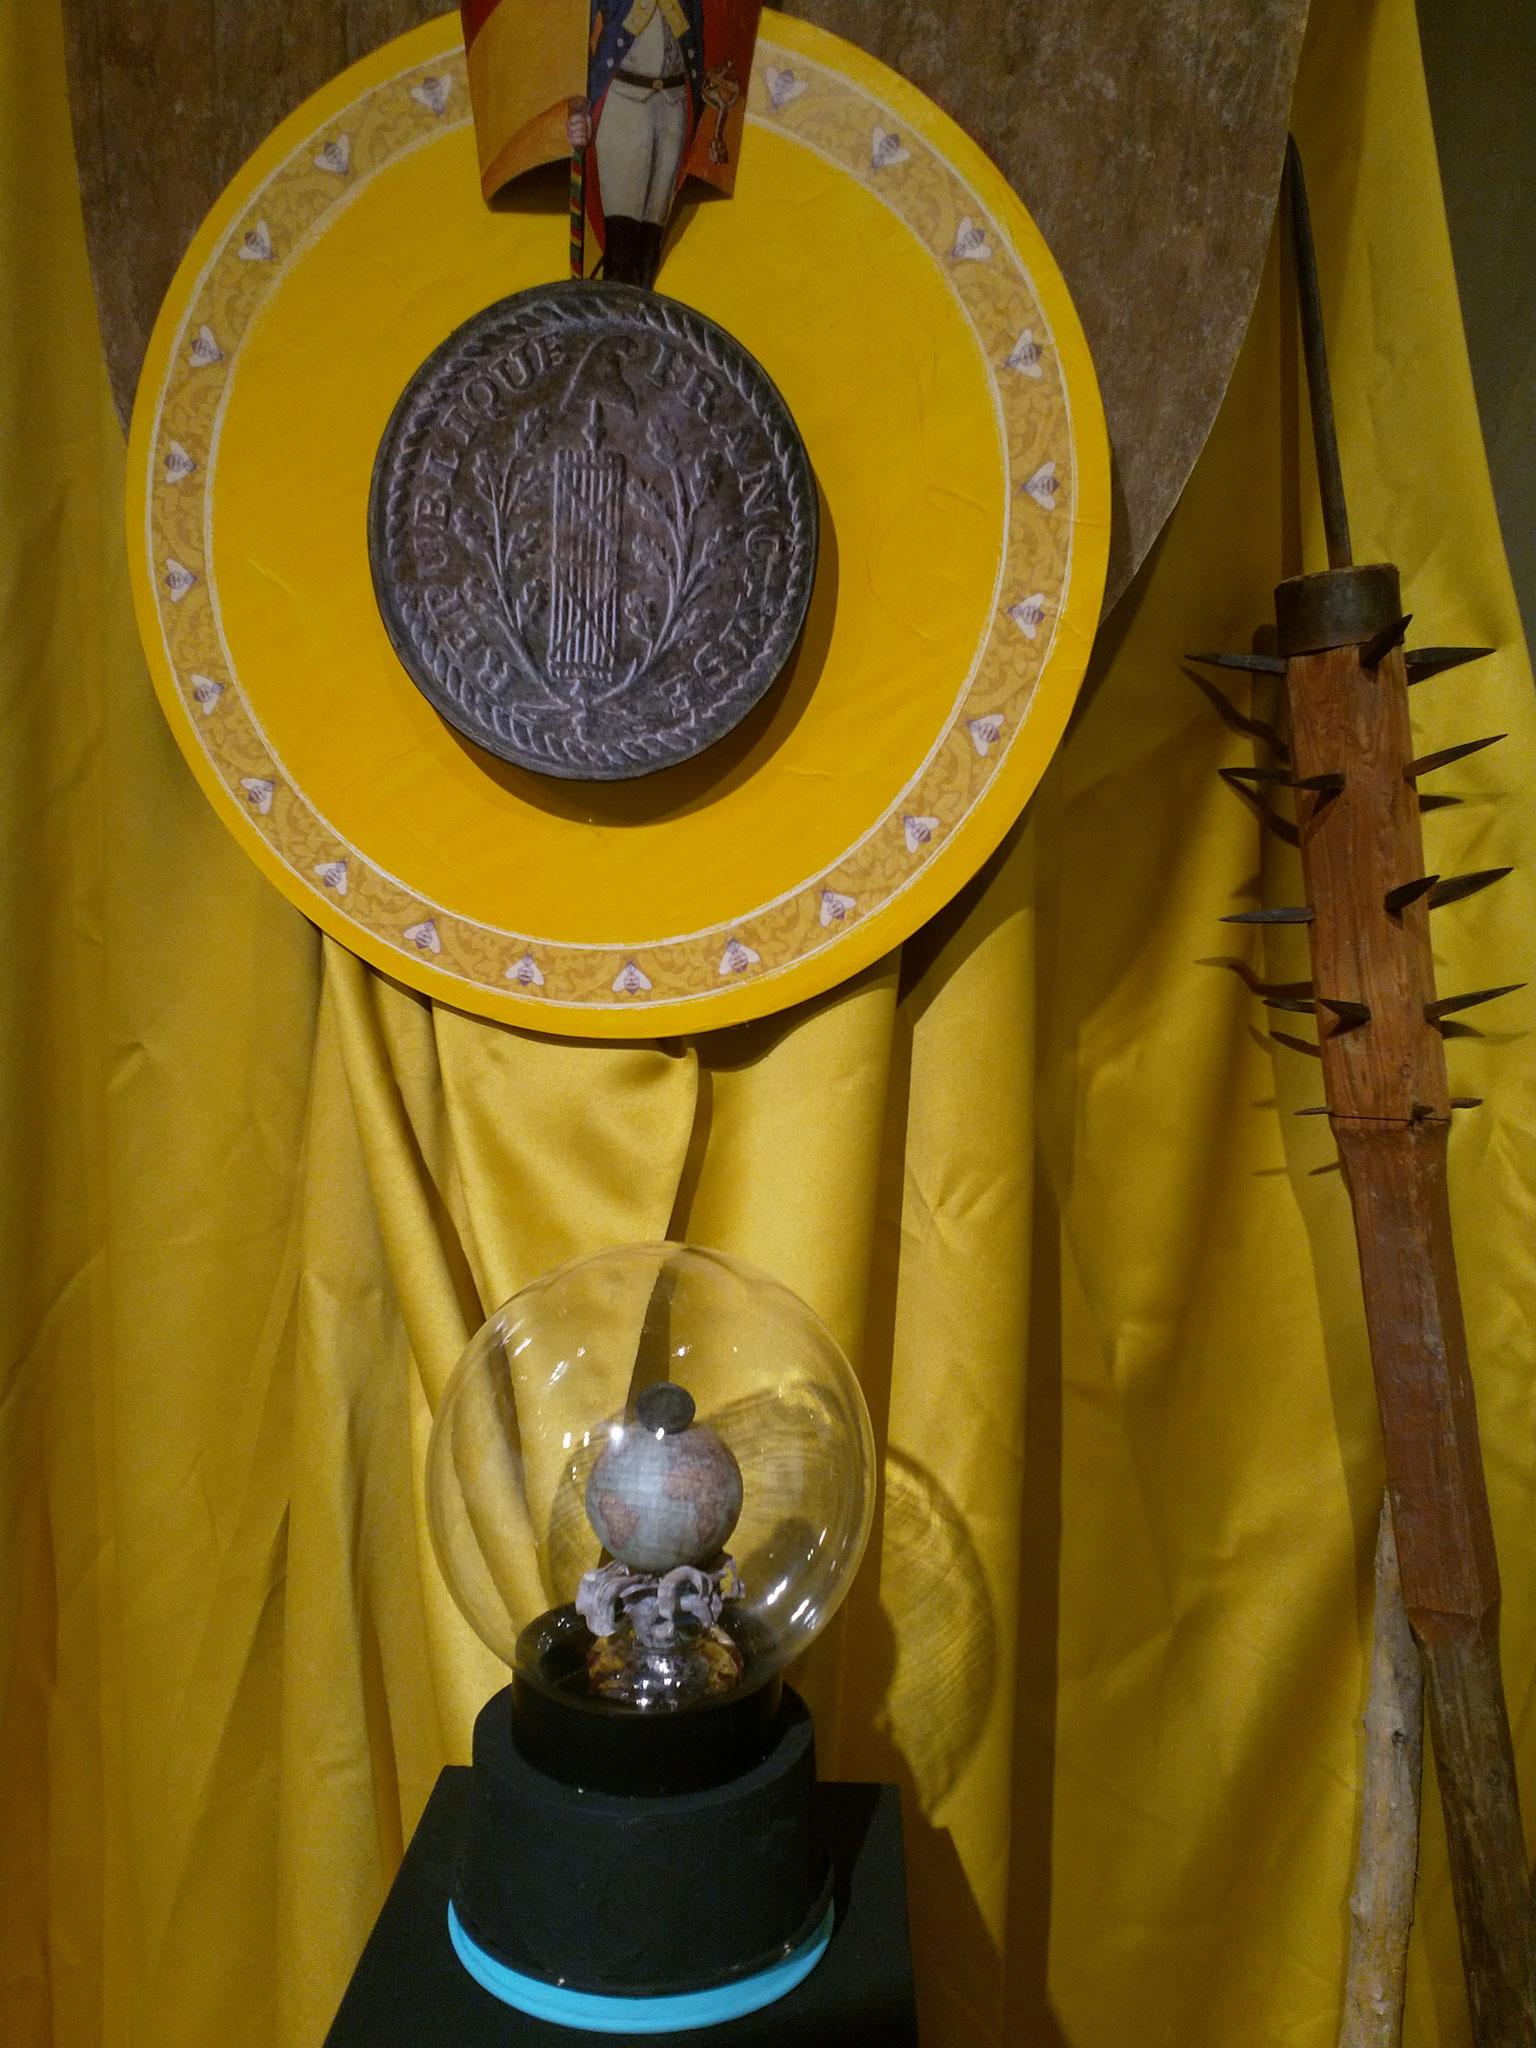 Dieser Knopf löste sich von einer Uniform eines französischen Soldaten beim Franzoseneinfall 1798. Er wird auf einer Weltkugel präsentiert, symbolhaft für die Herrschaftsansprüche unseres westlichen Nachbarn.